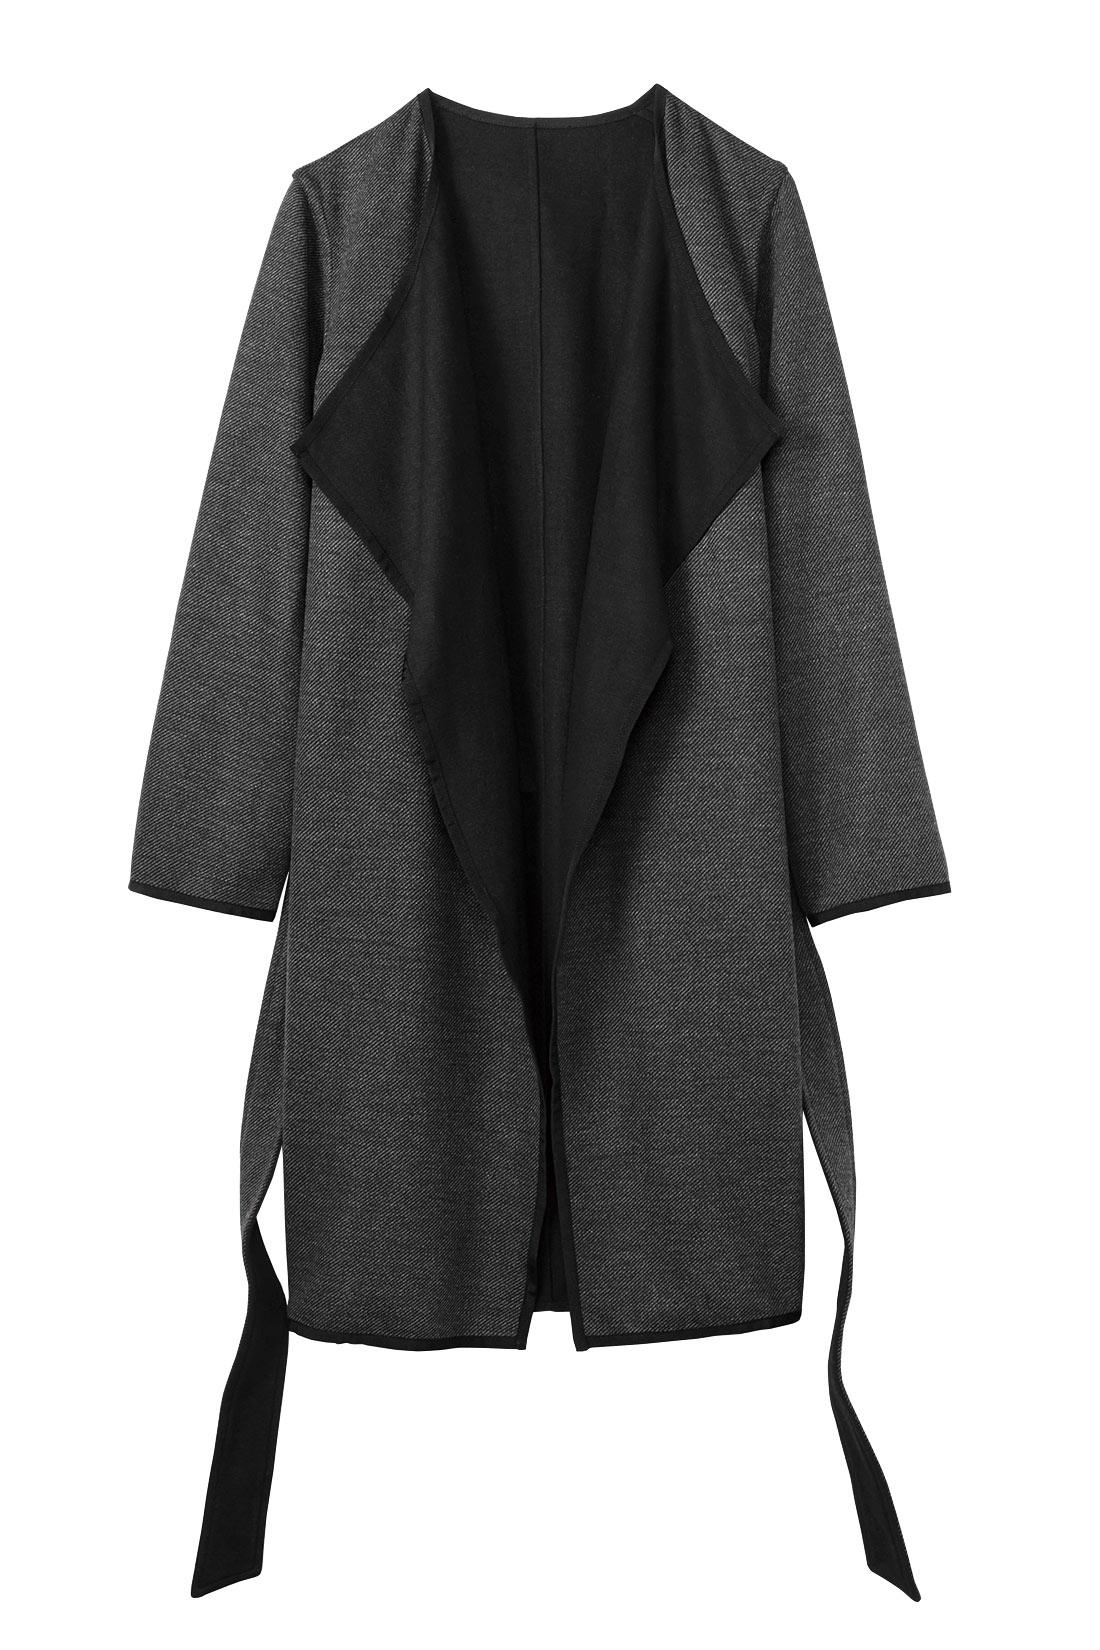 ダークグレイのバイアスストライプ柄を表にしてほどよく華やかに。衿のバイカラーがポイントになります。